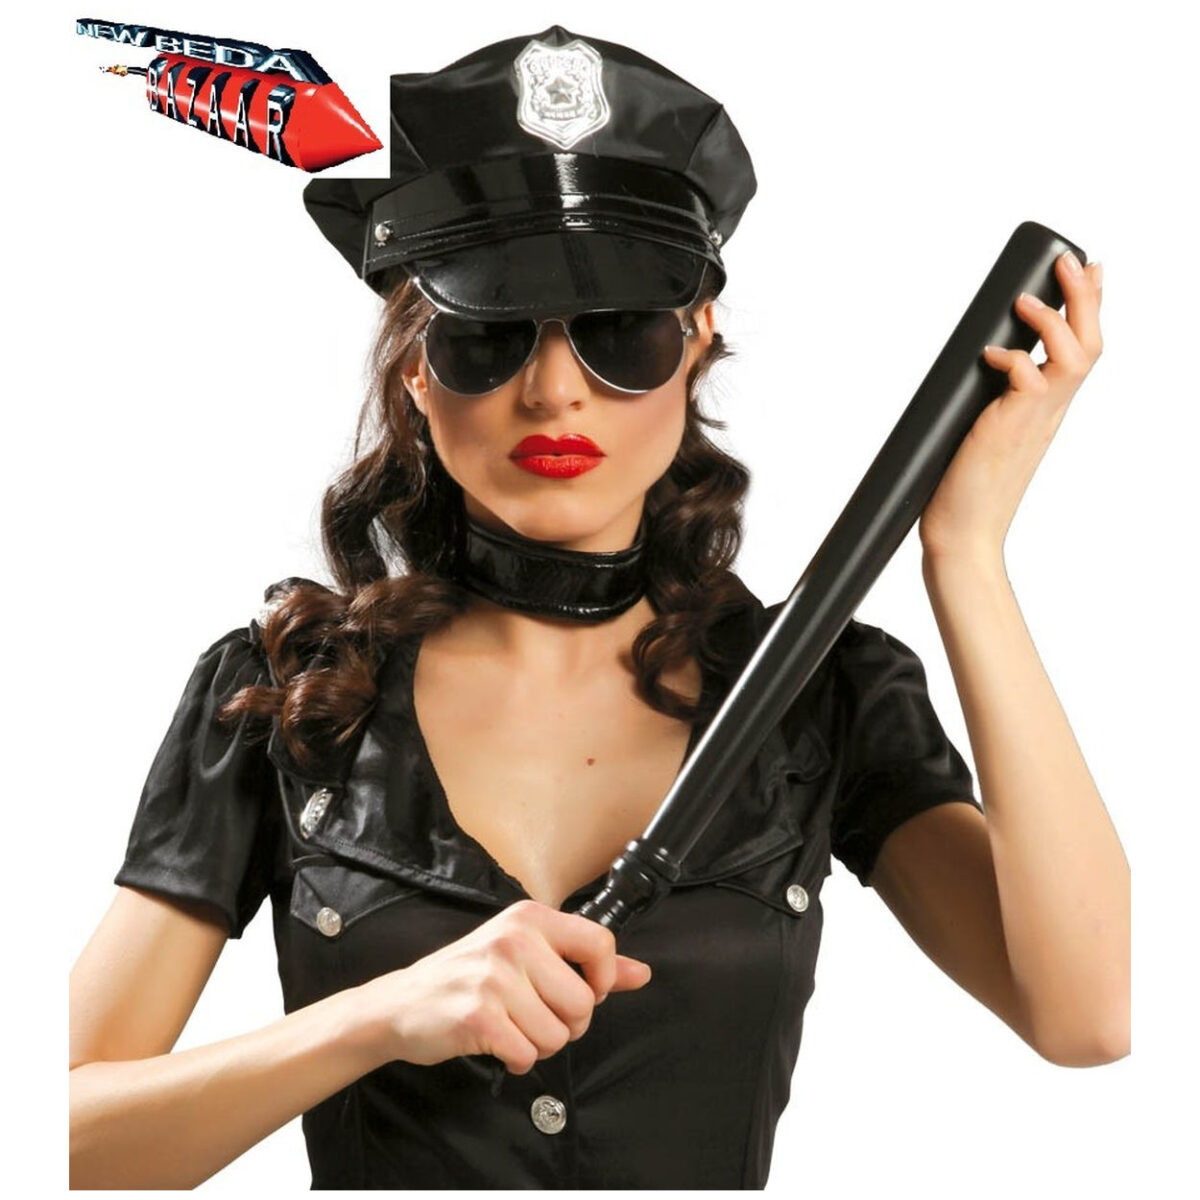 Manganello poliziotto